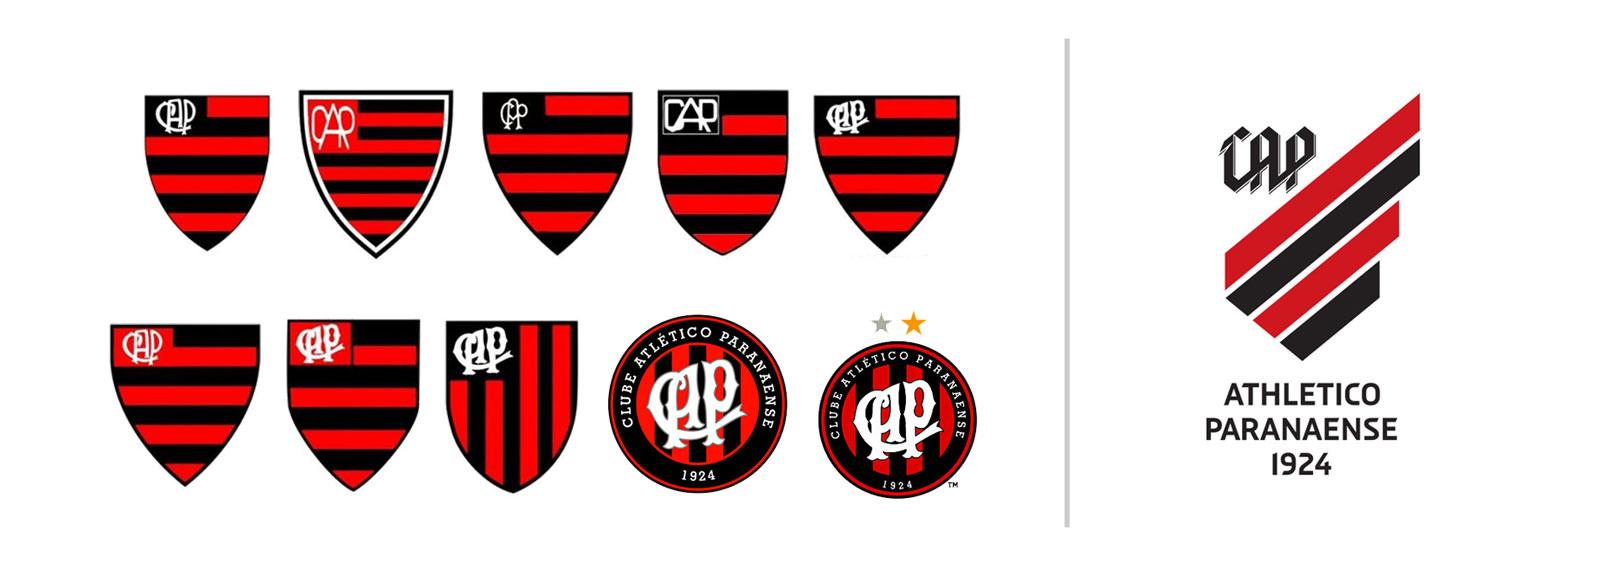 História dos escudos do Atlético Paranaense